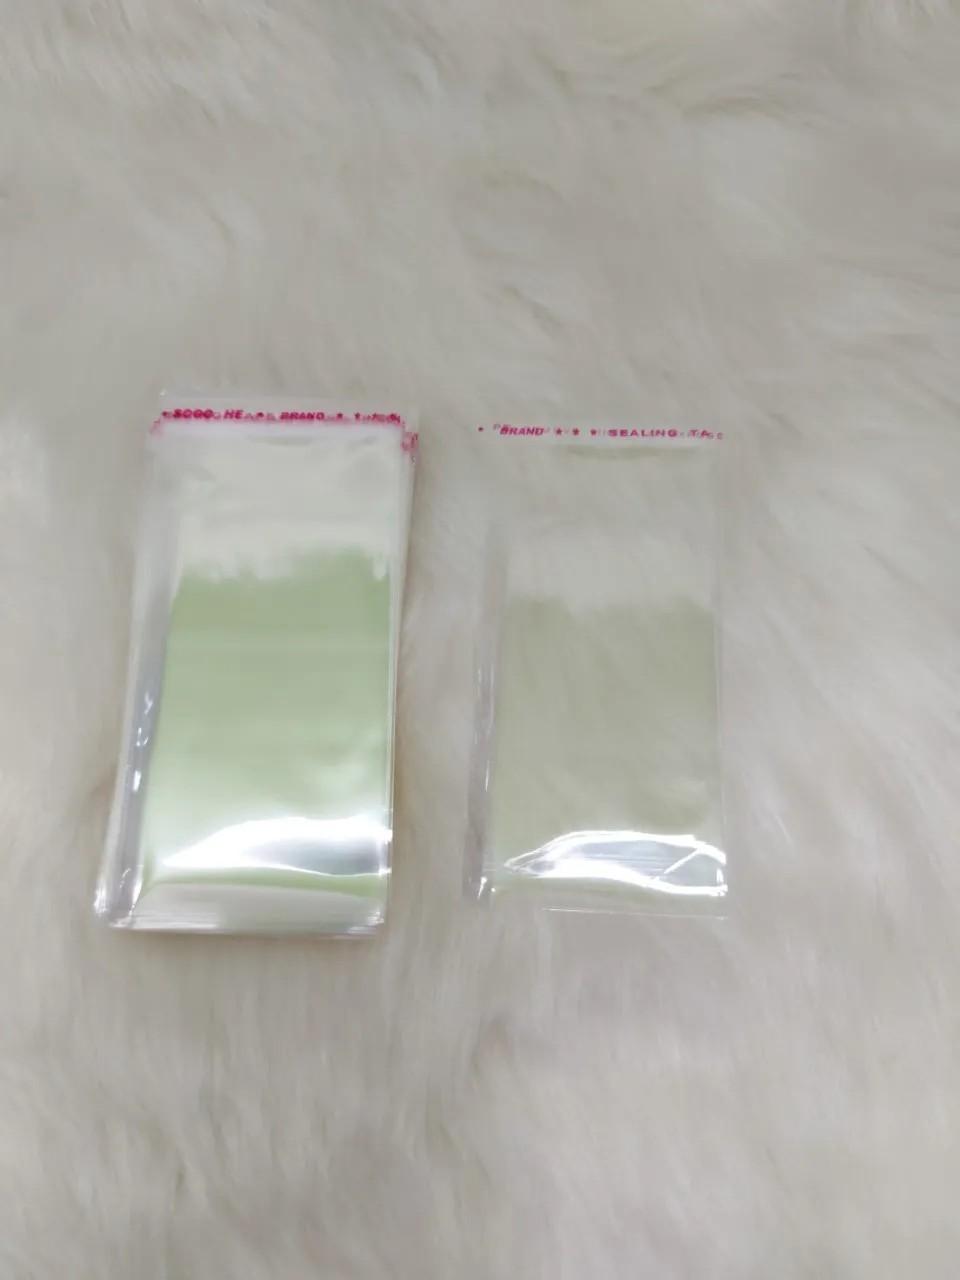 Saquinhos plástico adesivado 5x8 pacote com 1000 unidades